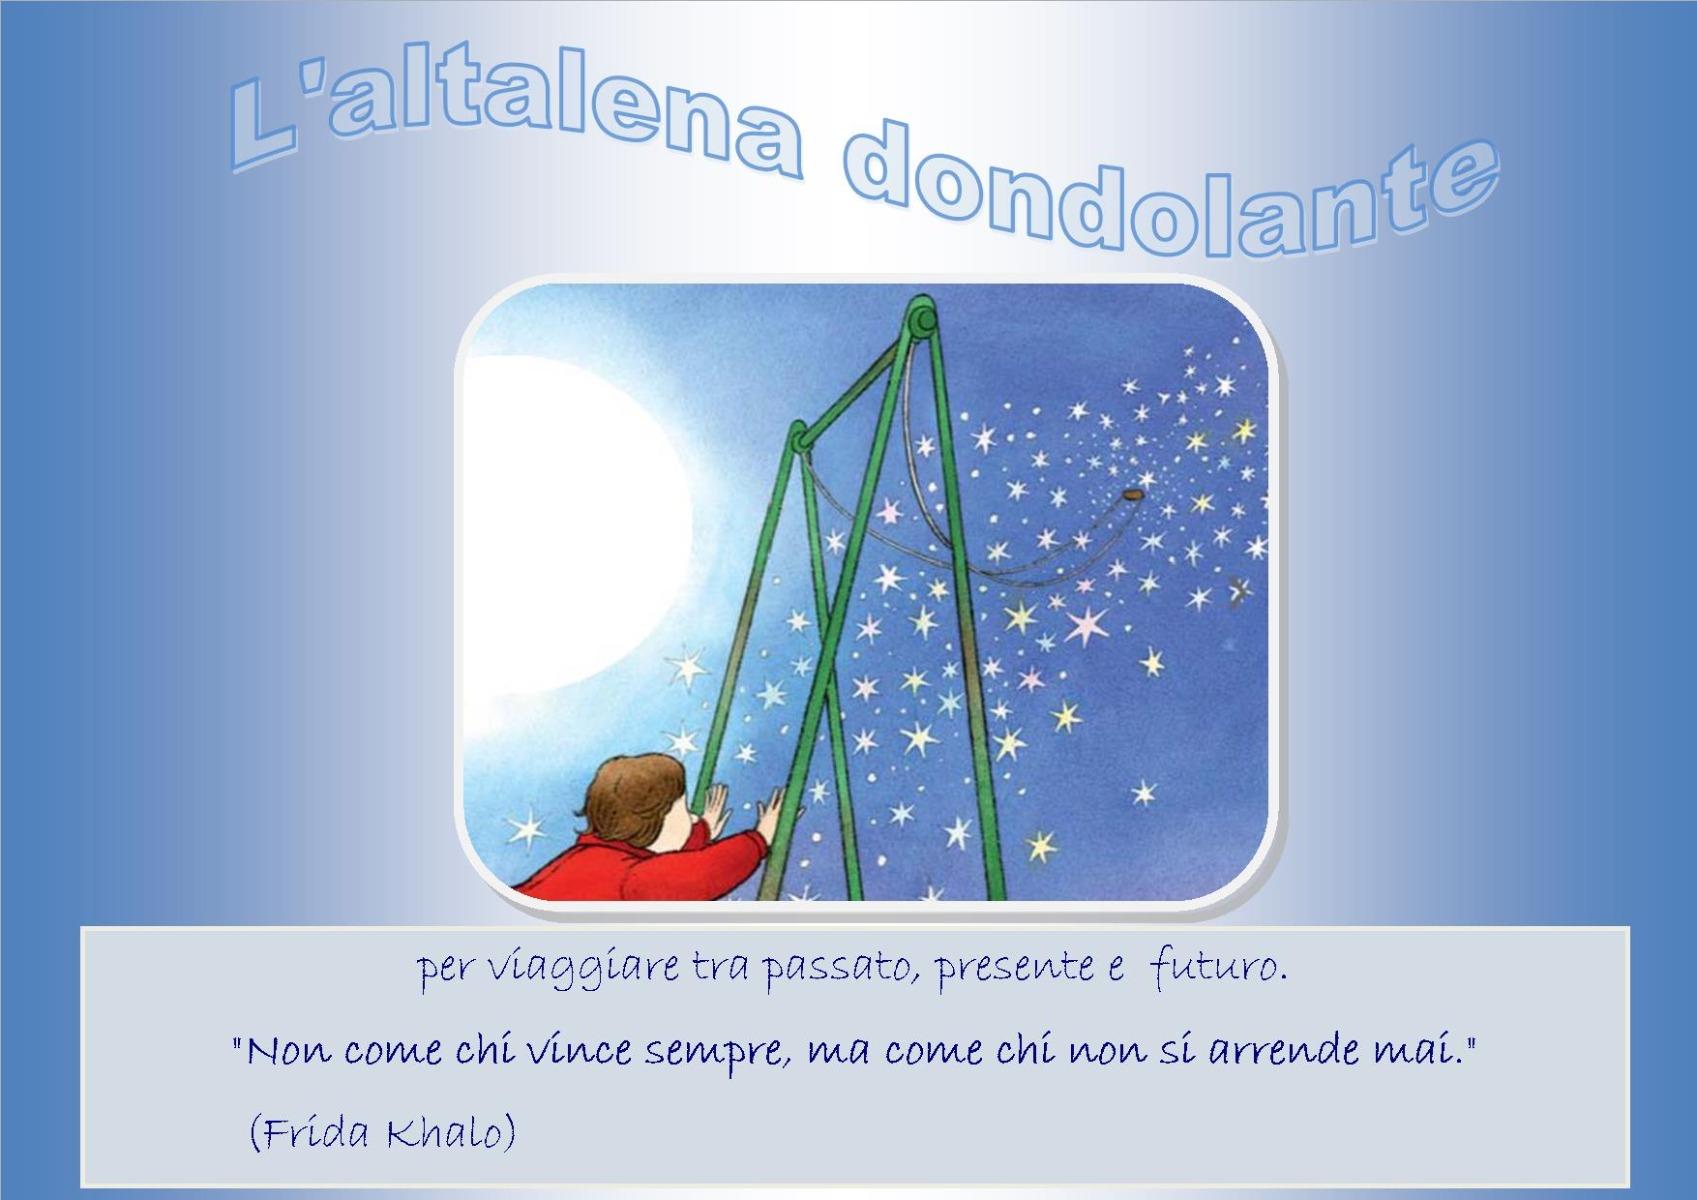 L' Altalena dondolante